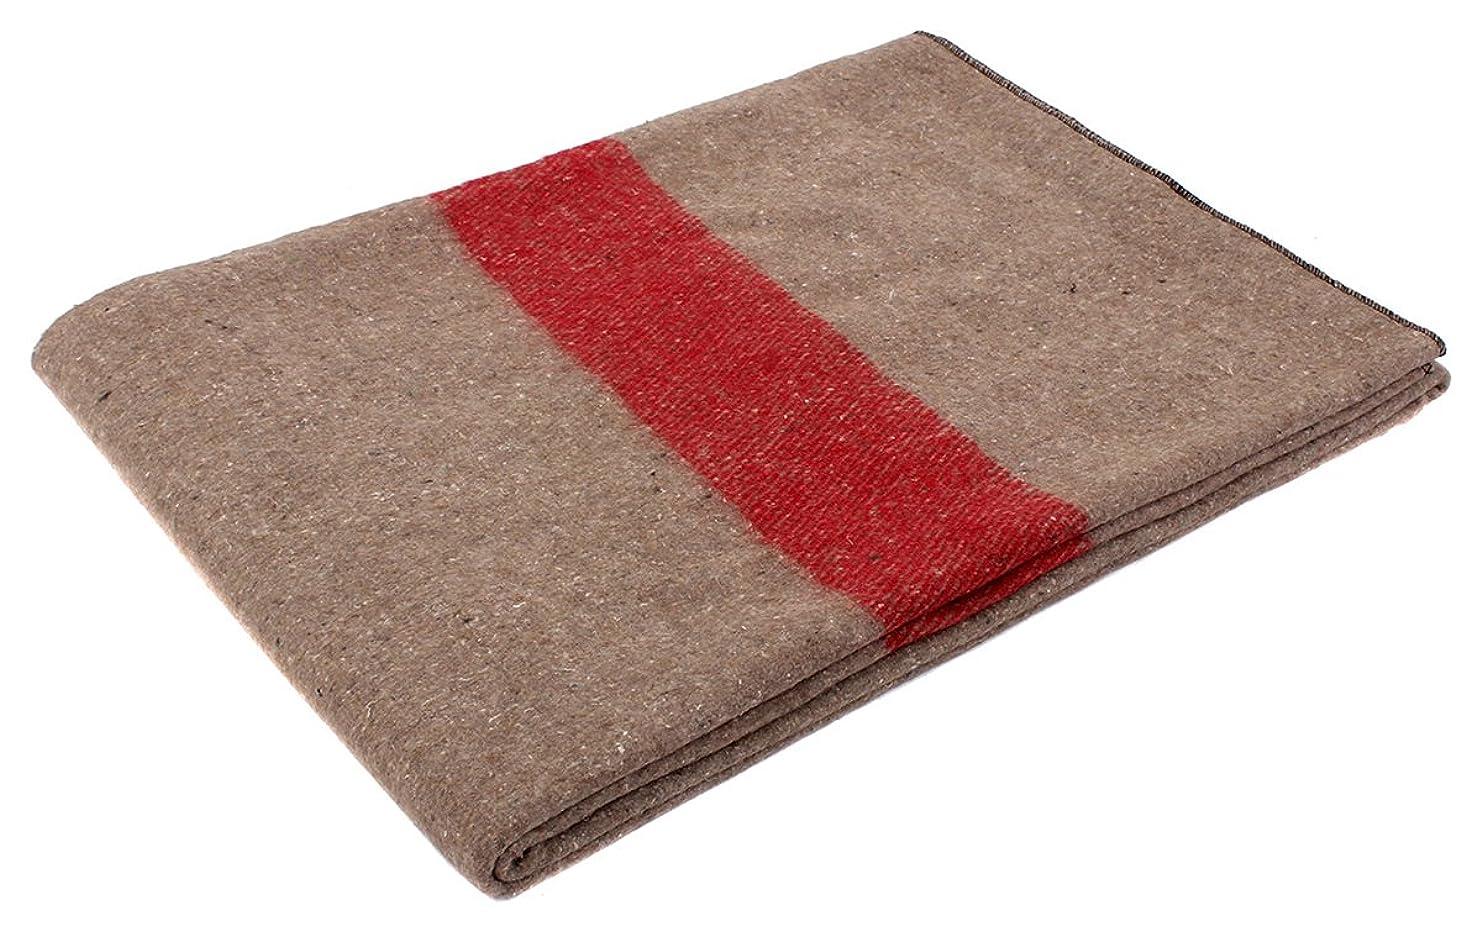 発火する木マイコンロスコ スイス軍 ウールブランケット レプリカ Rothco Swiss Style Wool Blanket 10238